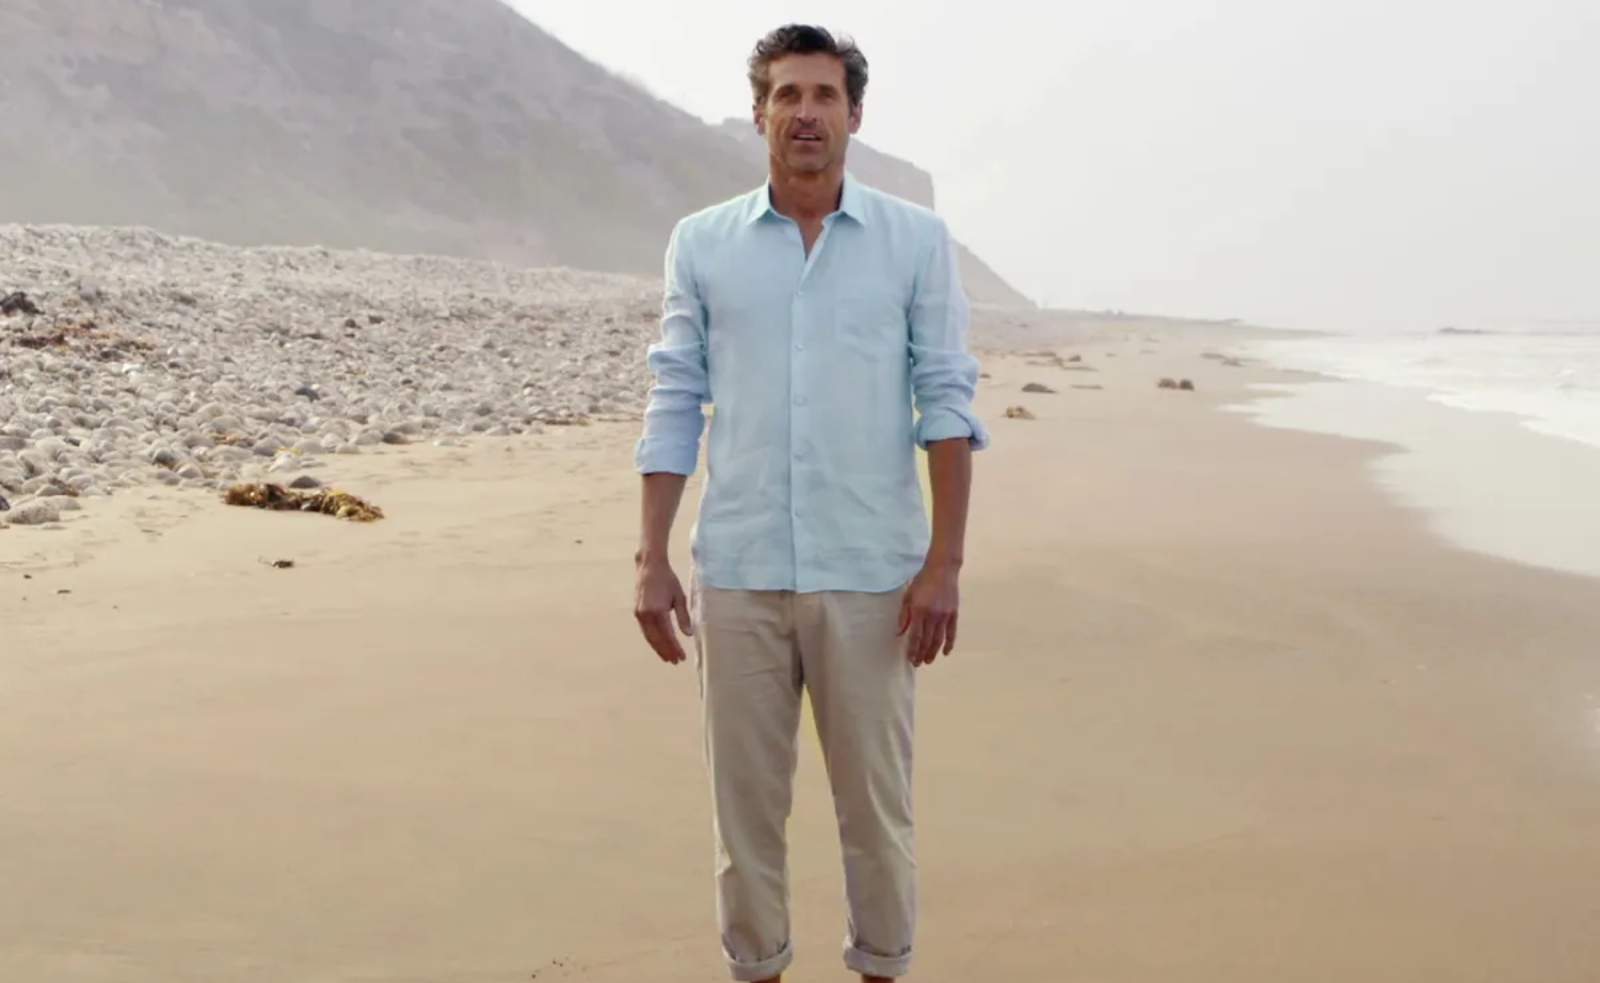 Imagem da série Grey's Anatomy. Na imagem, um homem branco de cabelos pretos usa uma camisa azul clara e calças de sarja bege clara. Ele está em uma praia, que podemos ver ao fundo do lado direito parte do mar e do lado esquerdo pedras que preenchem sua extensão, assim como a areia clara.